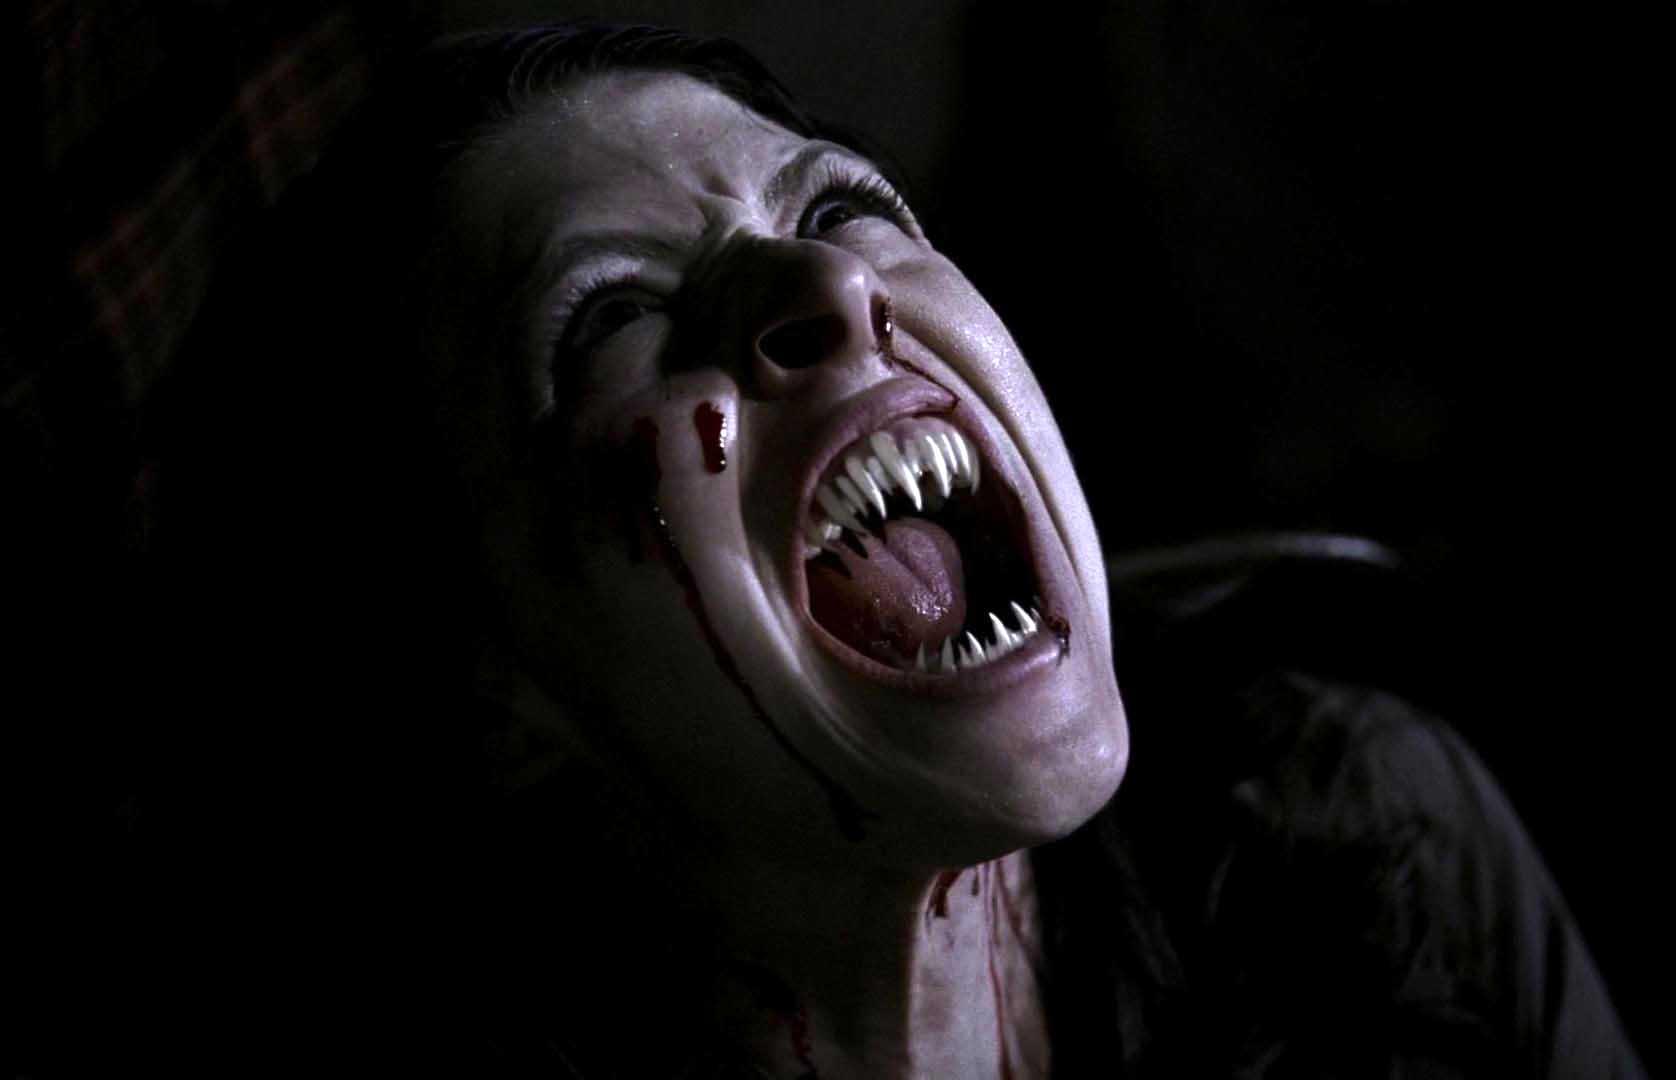 Вампир: внешний вид, характеристики, методы борьбы. реально?